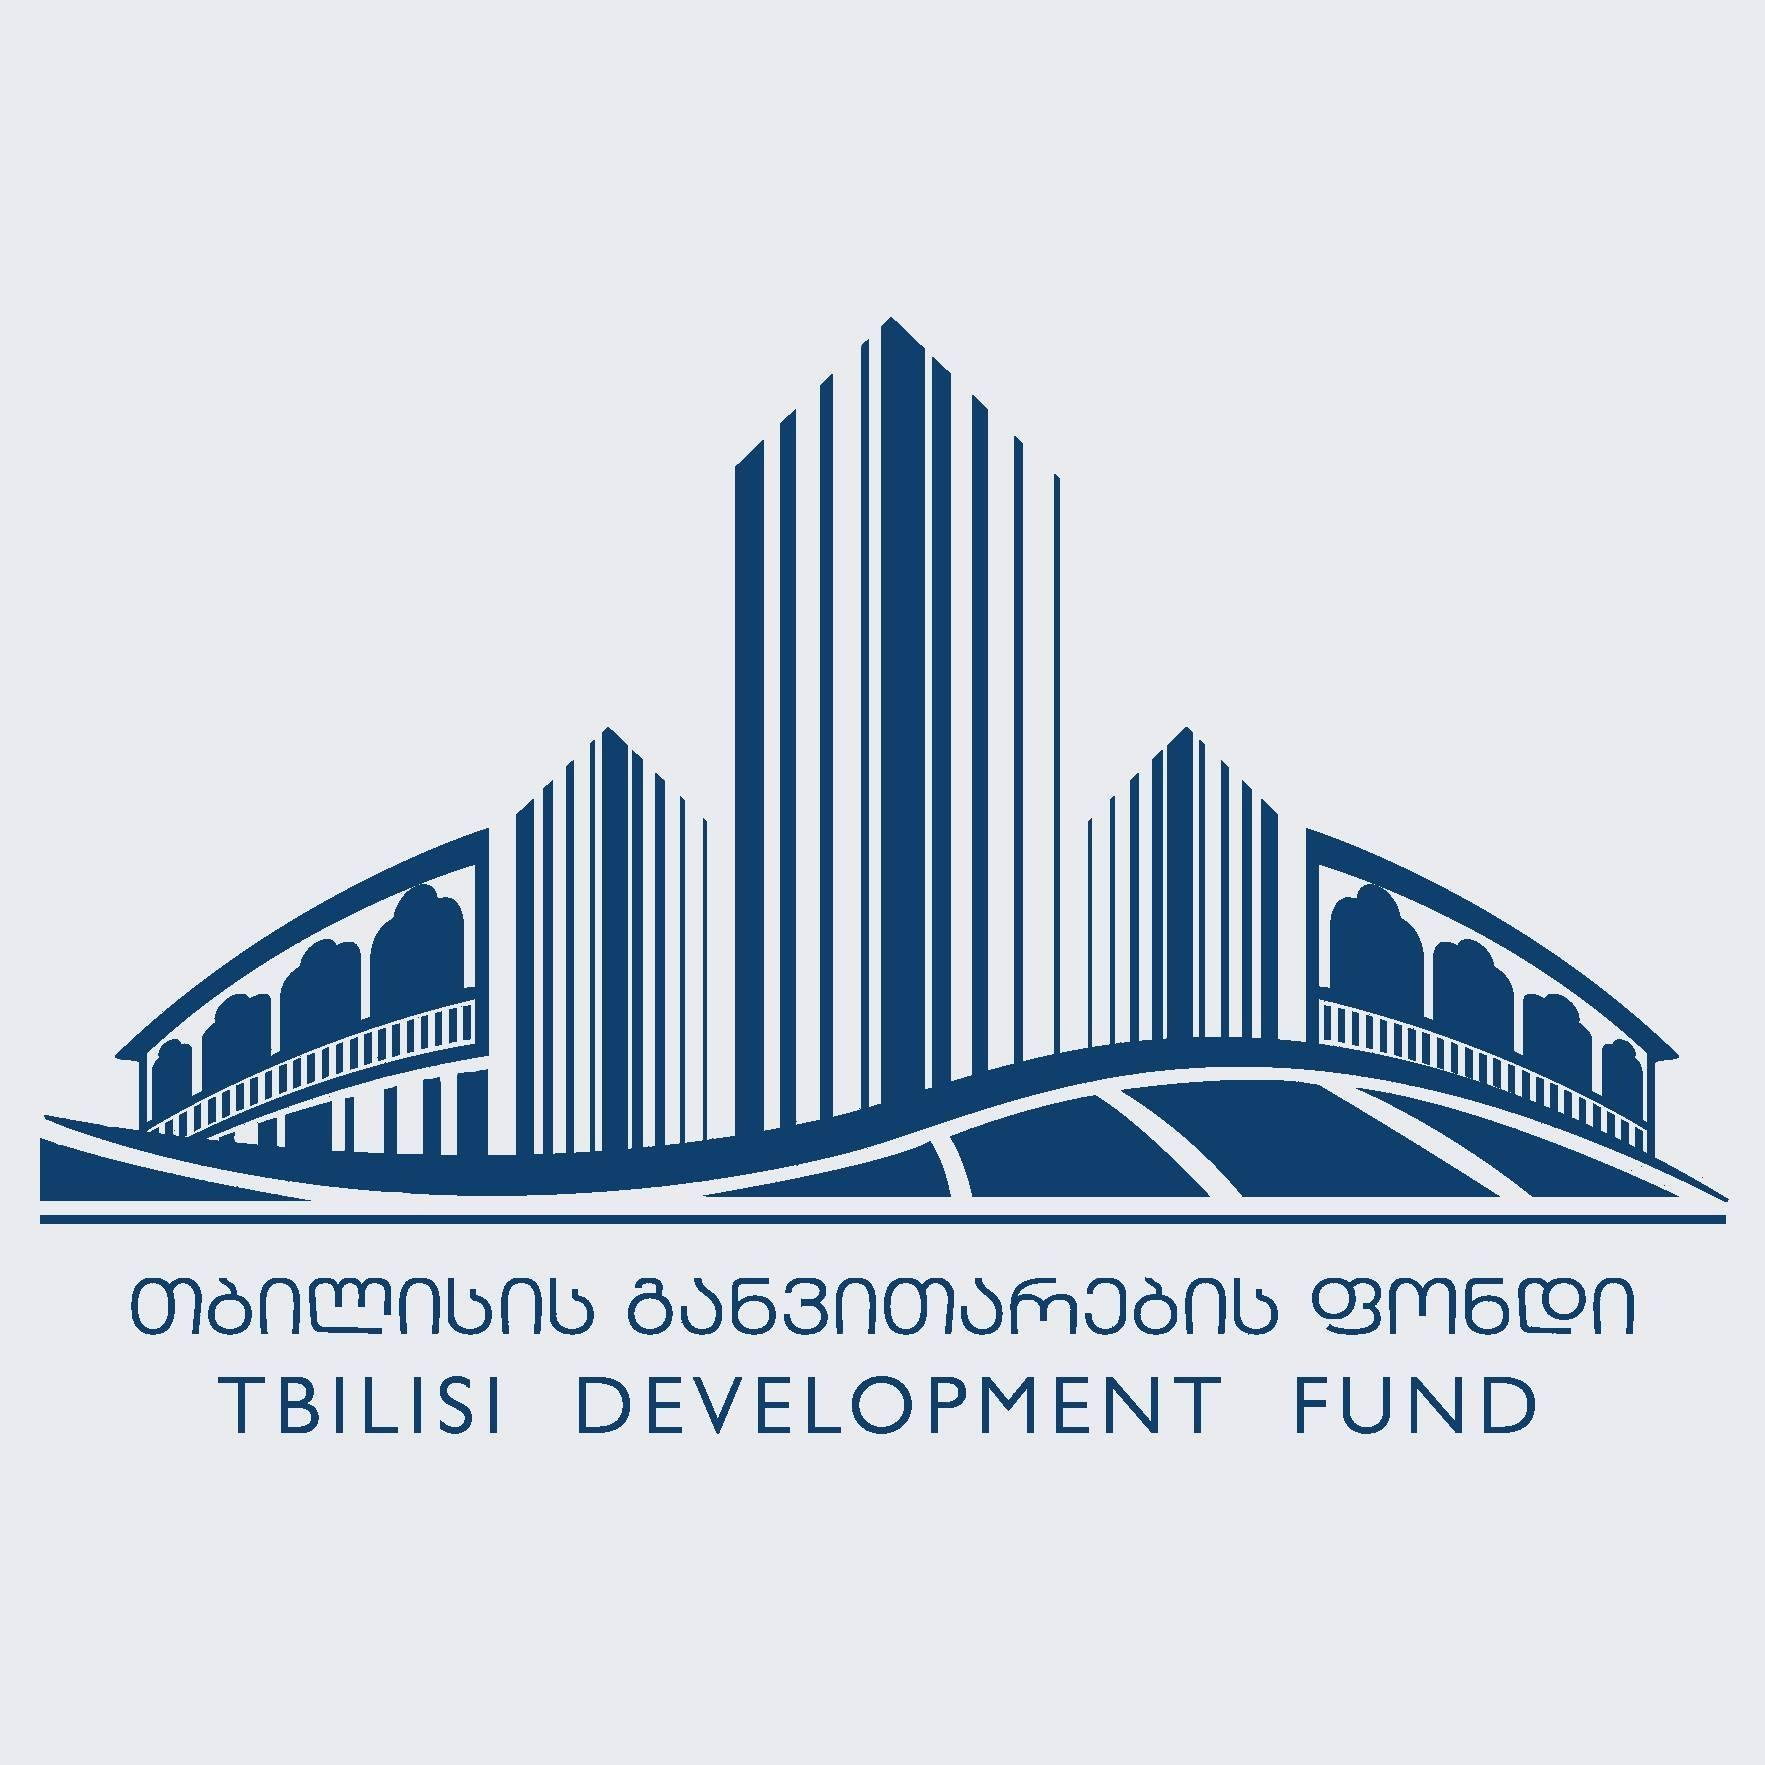 Tbilisi Development Fund